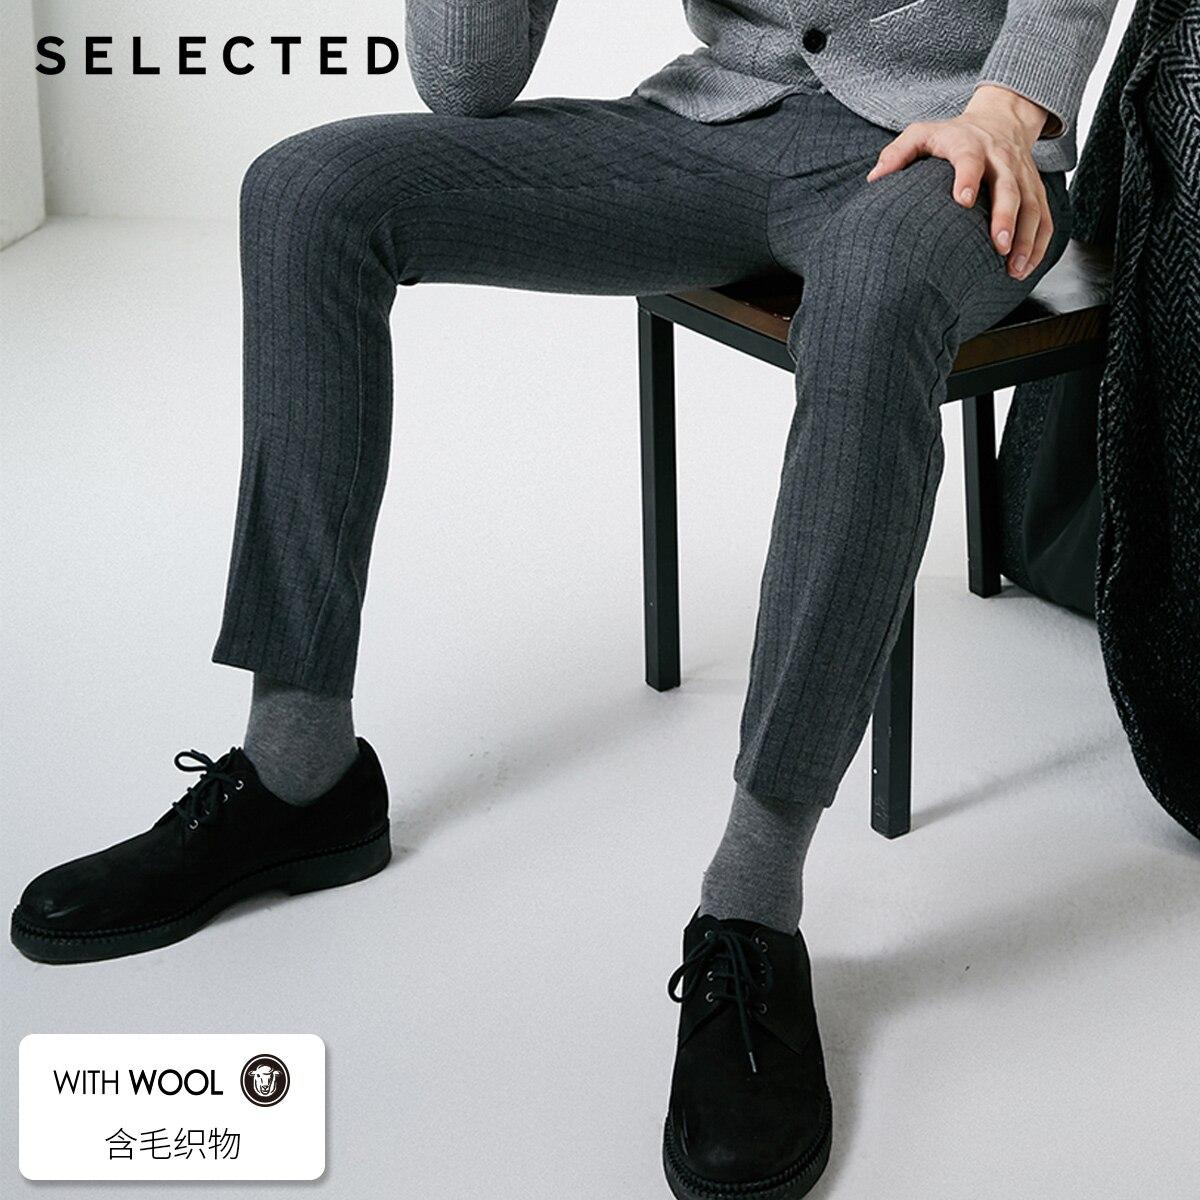 GESELECTEERD mannen Herfst & Winter Gestreepte Elastische Casual Broek S  418414523-in Skinny broek van Mannenkleding op  Groep 1